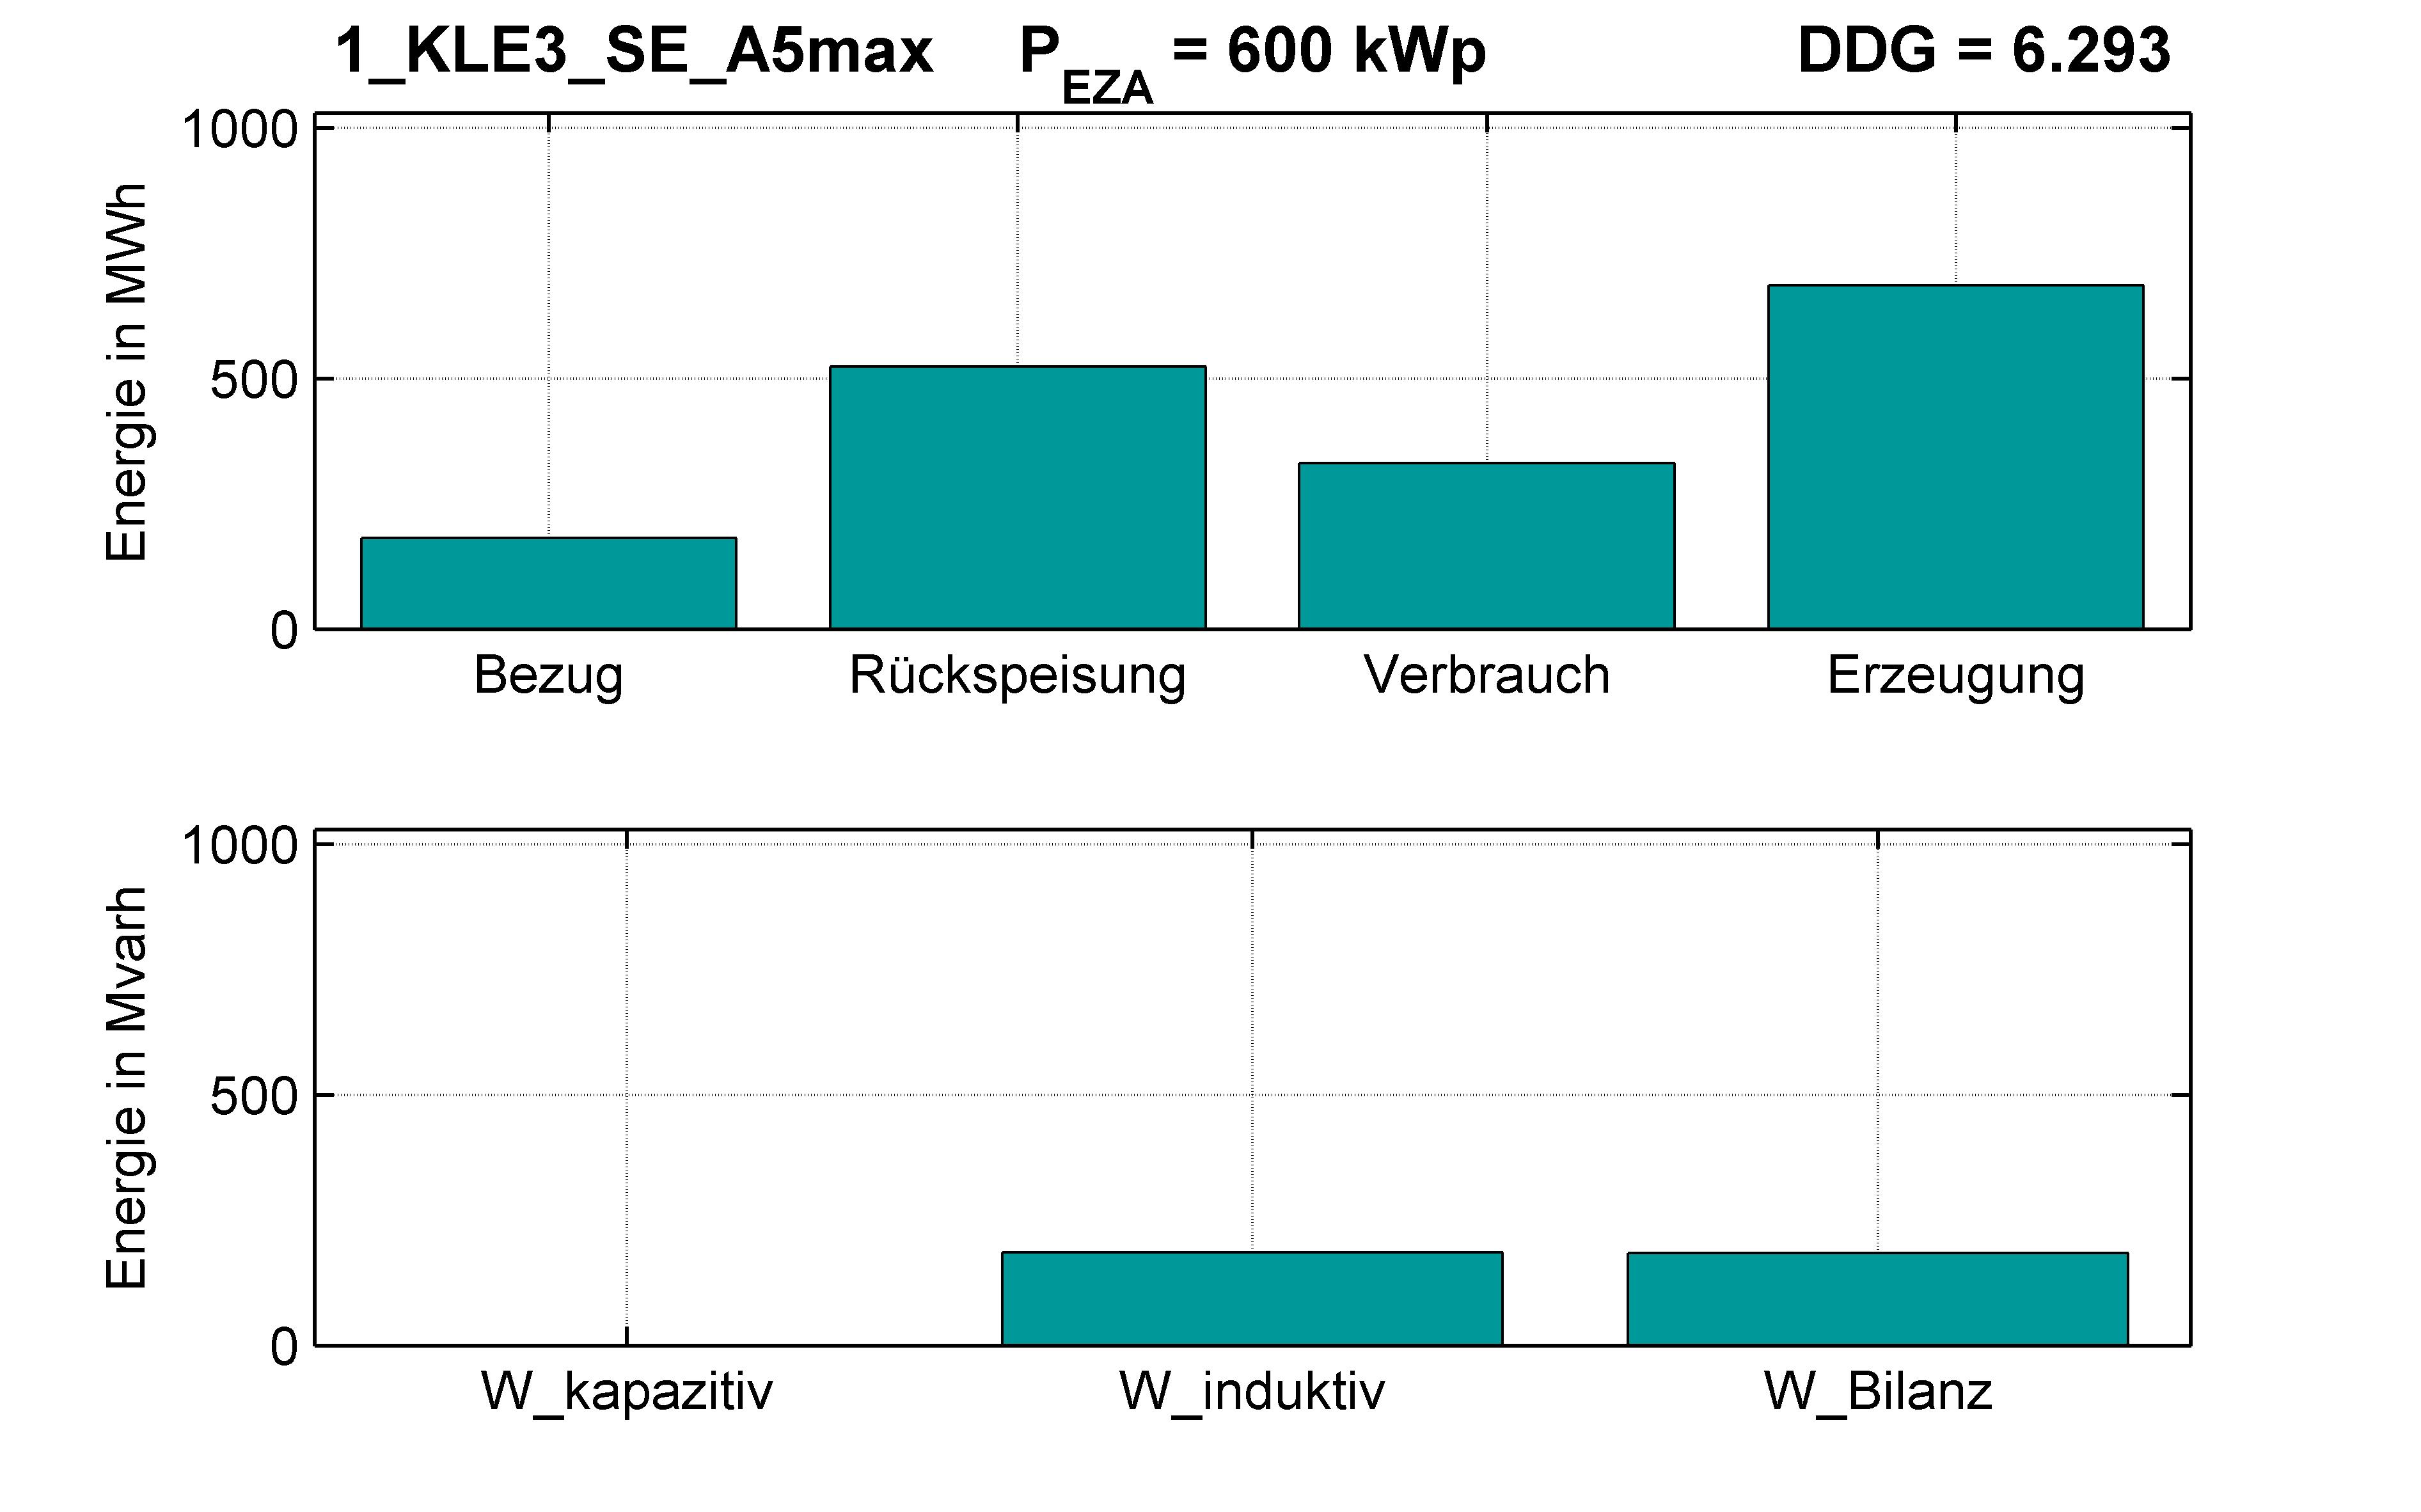 KLE3 | KABEL (SE) A5max | PQ-Bilanz